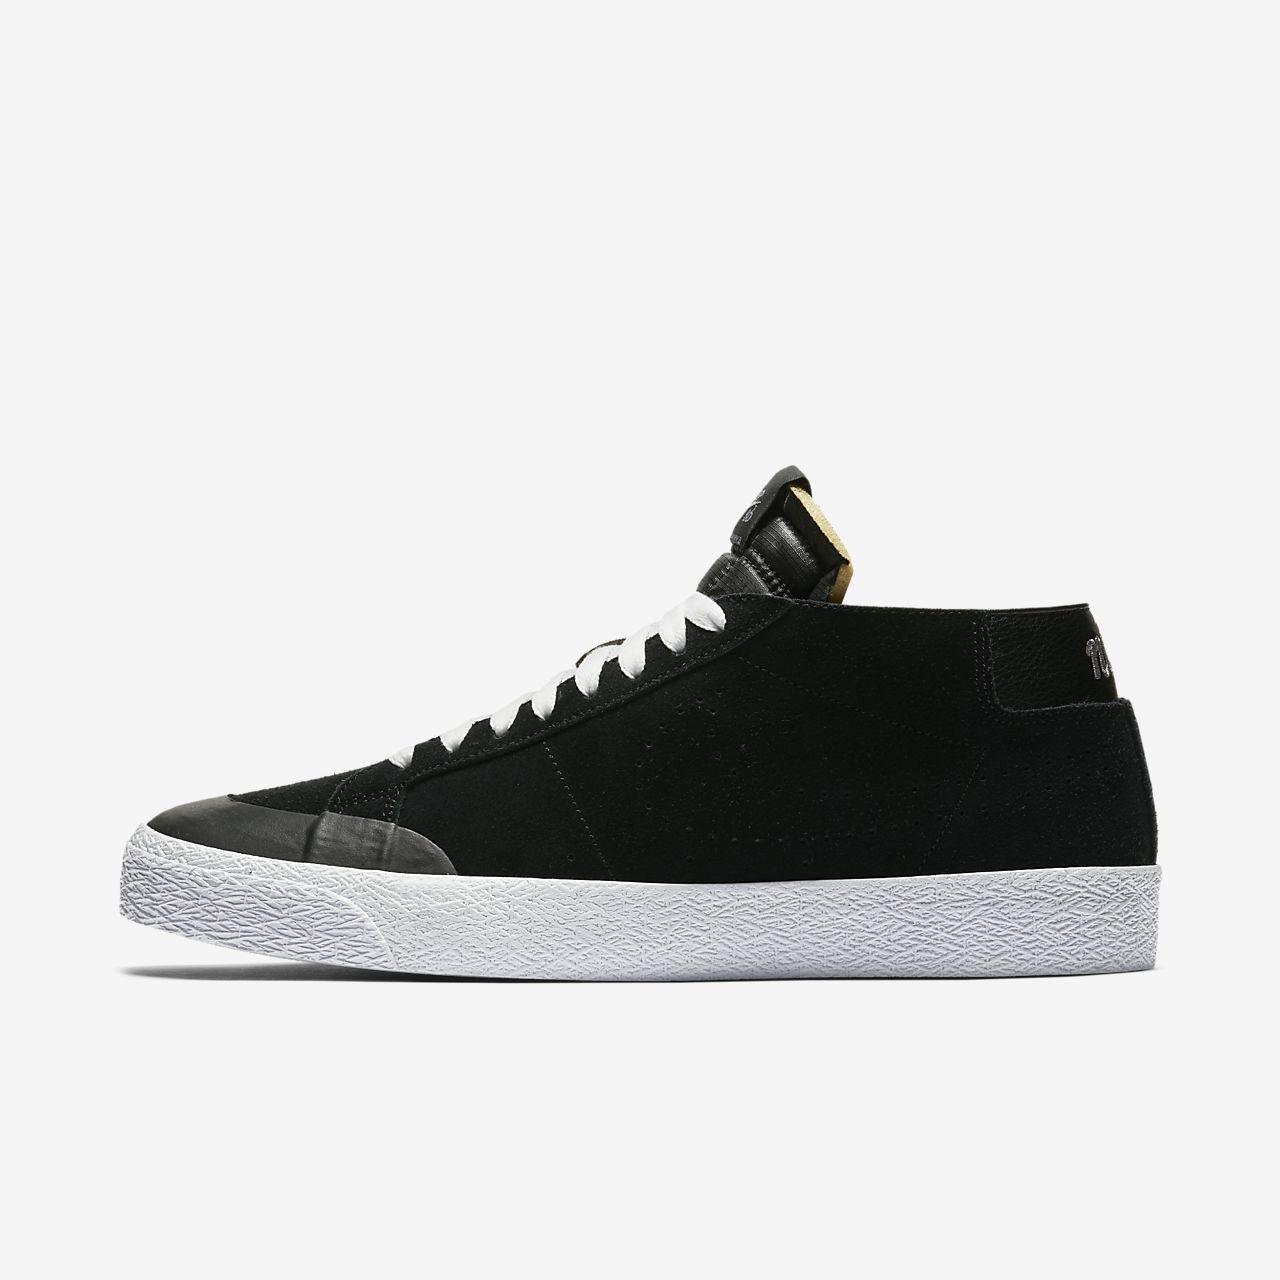 check out 6f869 6510d Nike SB Zoom Blazer Chukka XT Zapatillas de skateboard - Hombre